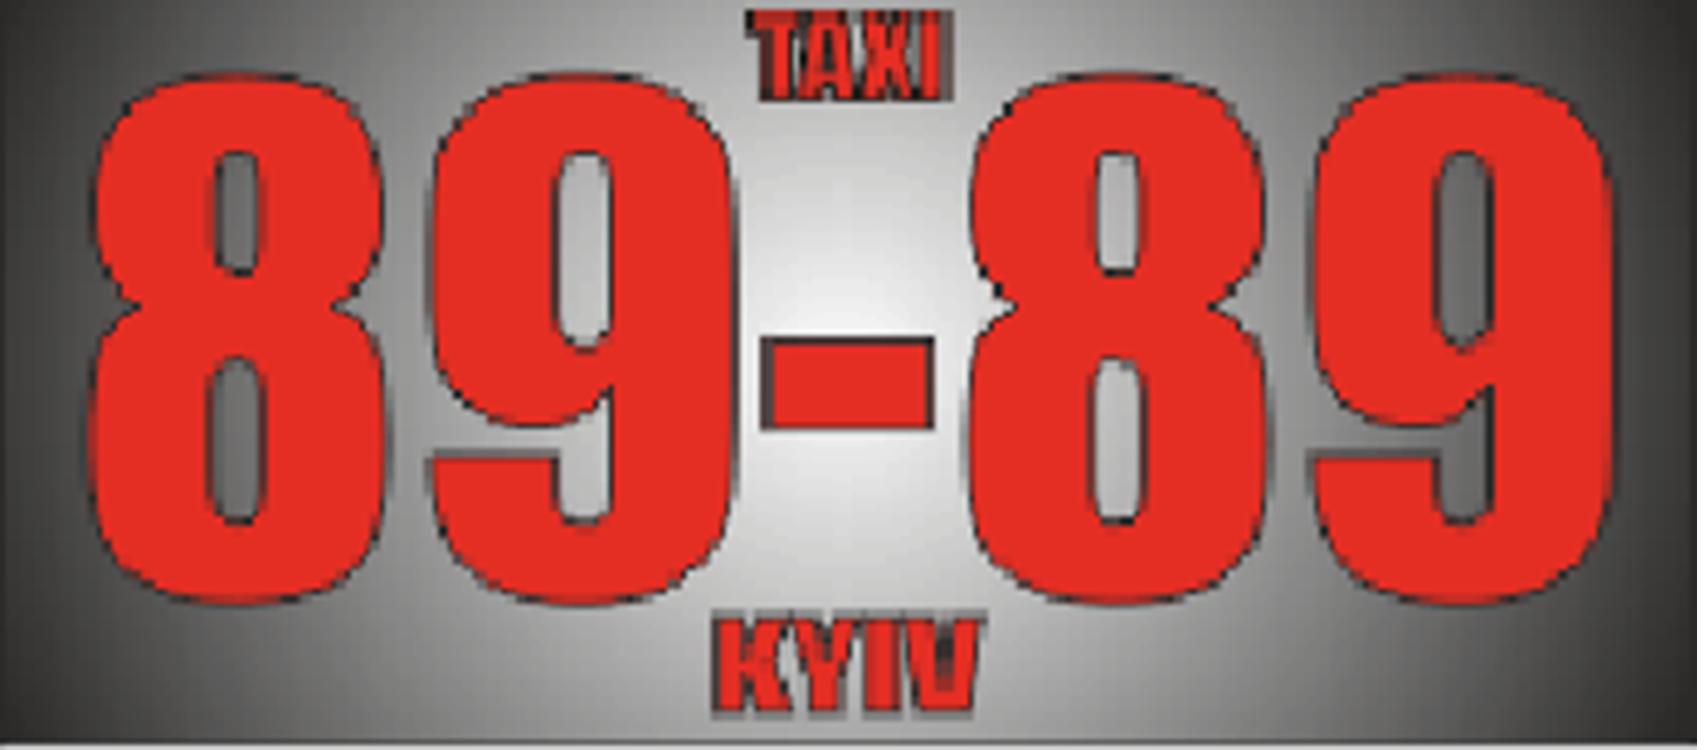 Такси 89 89  (Киев)